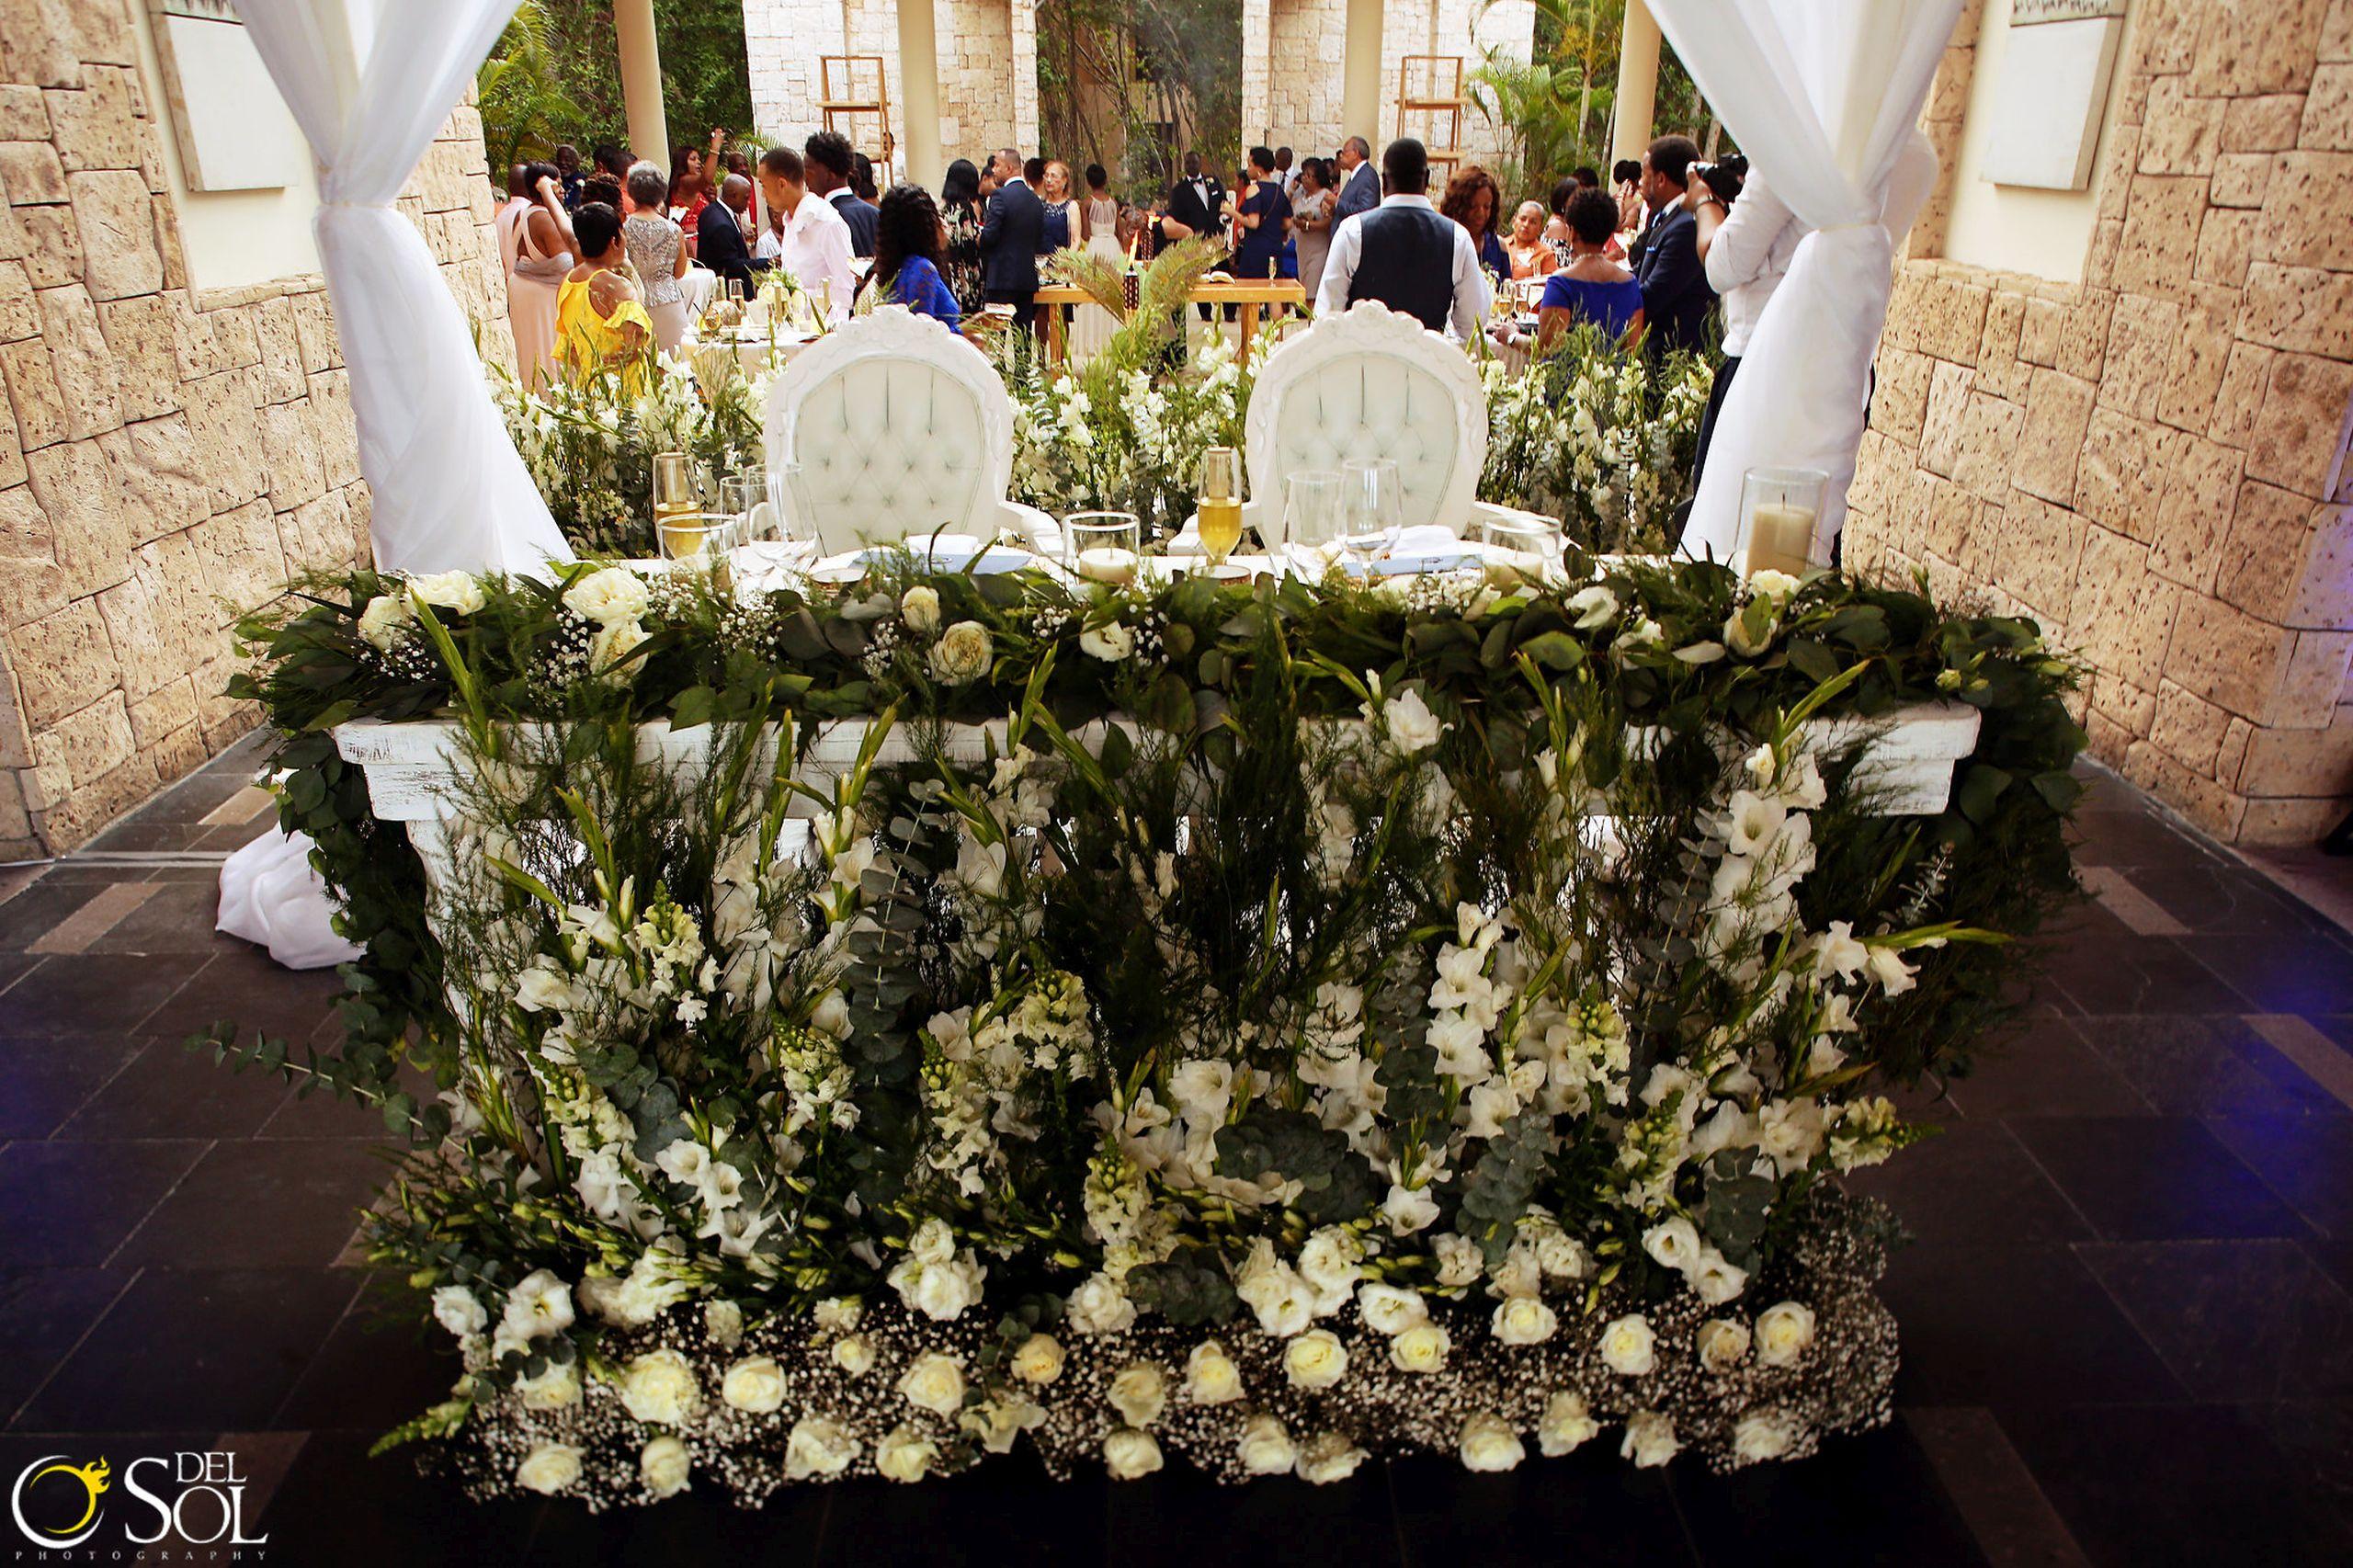 Tamika and Armando Wedding at Banyan Tree Residences Riviera Maya Mexico. Photos by del Sol Photography.